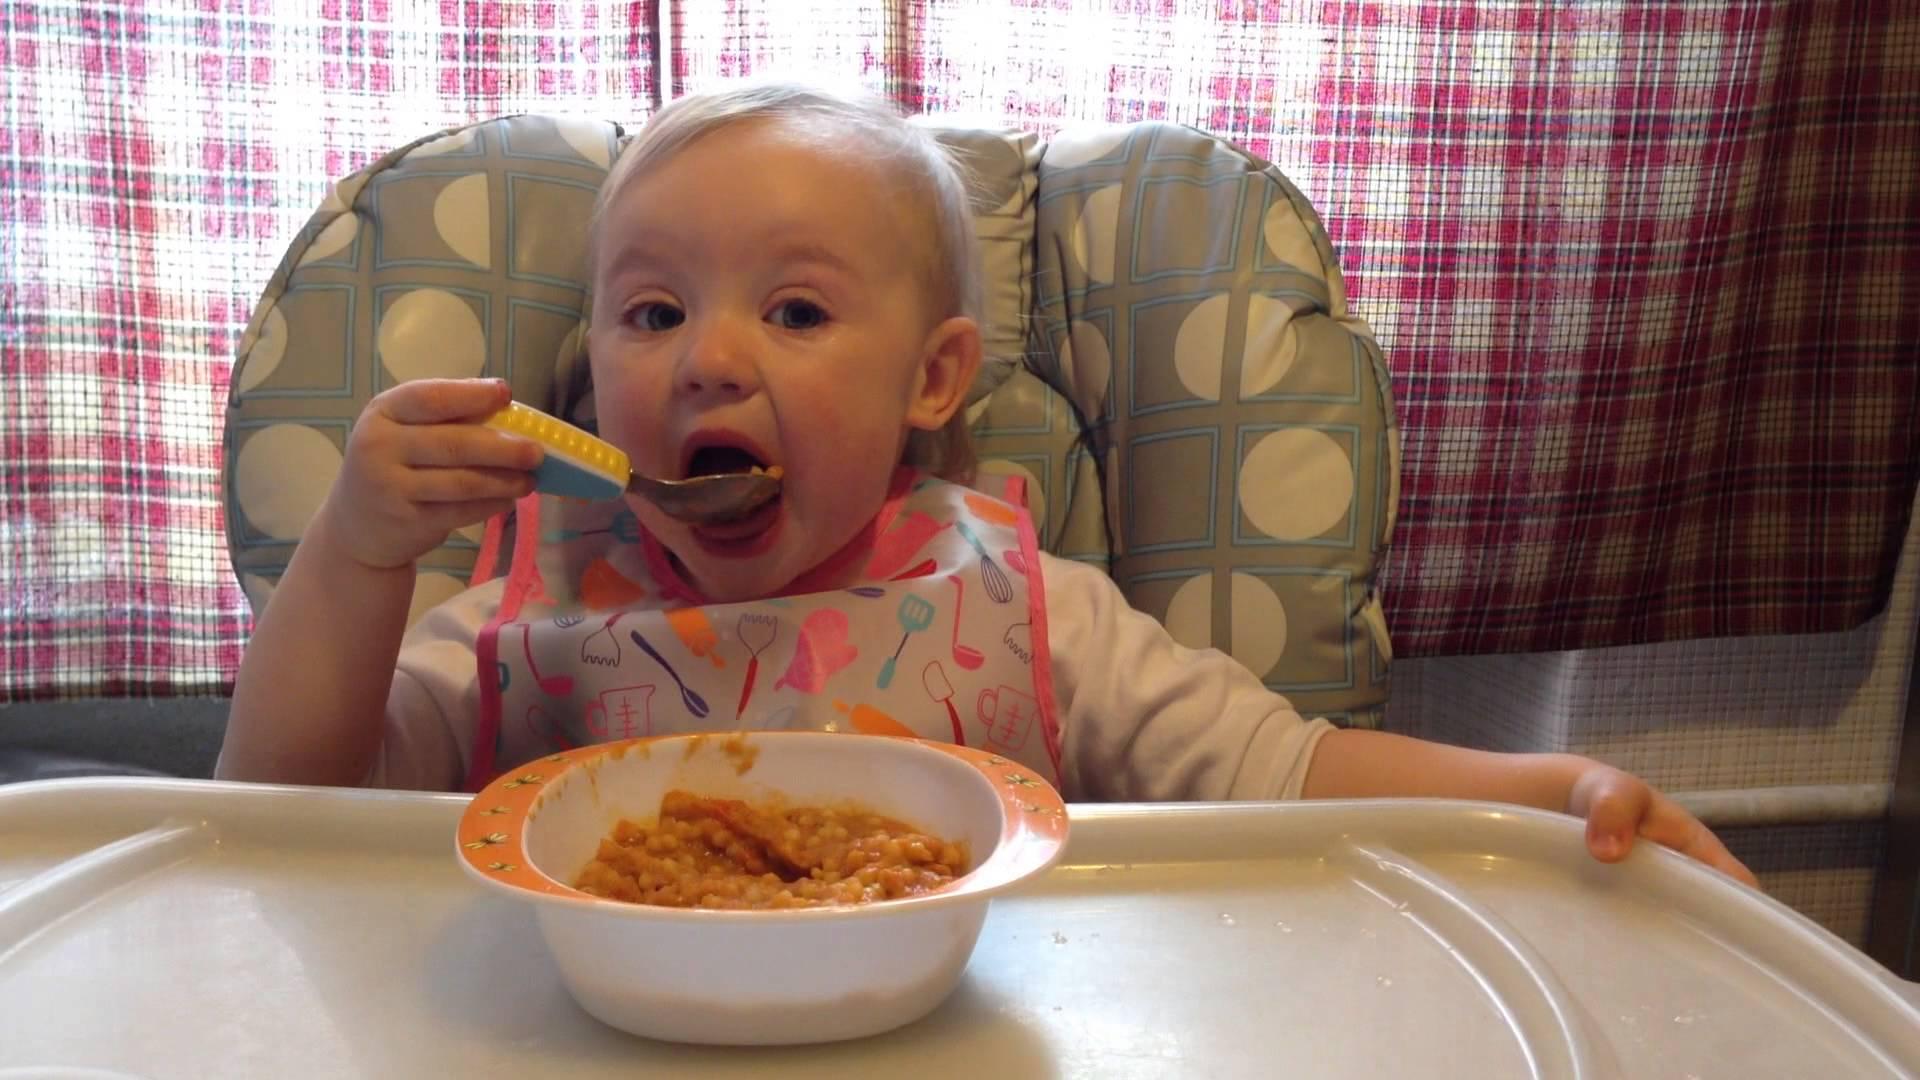 Детское меню: 6 типов продуктов, которые должен есть ребенок от 2 до 5 лет